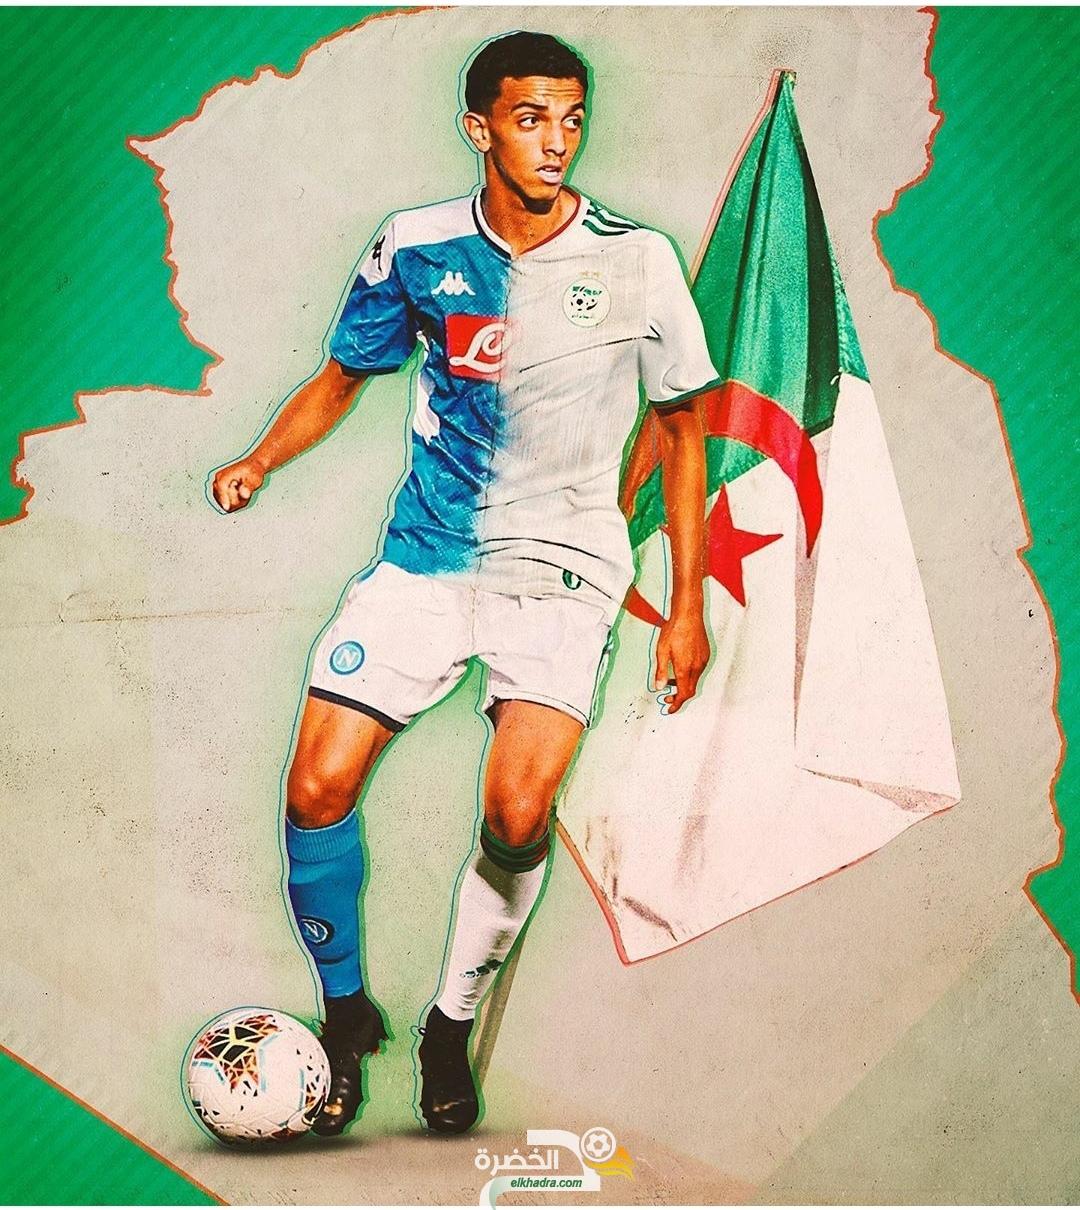 لاعب نابولي كريم زدادكة يعلن رسميا اختياره تمثيل الجزائر 27